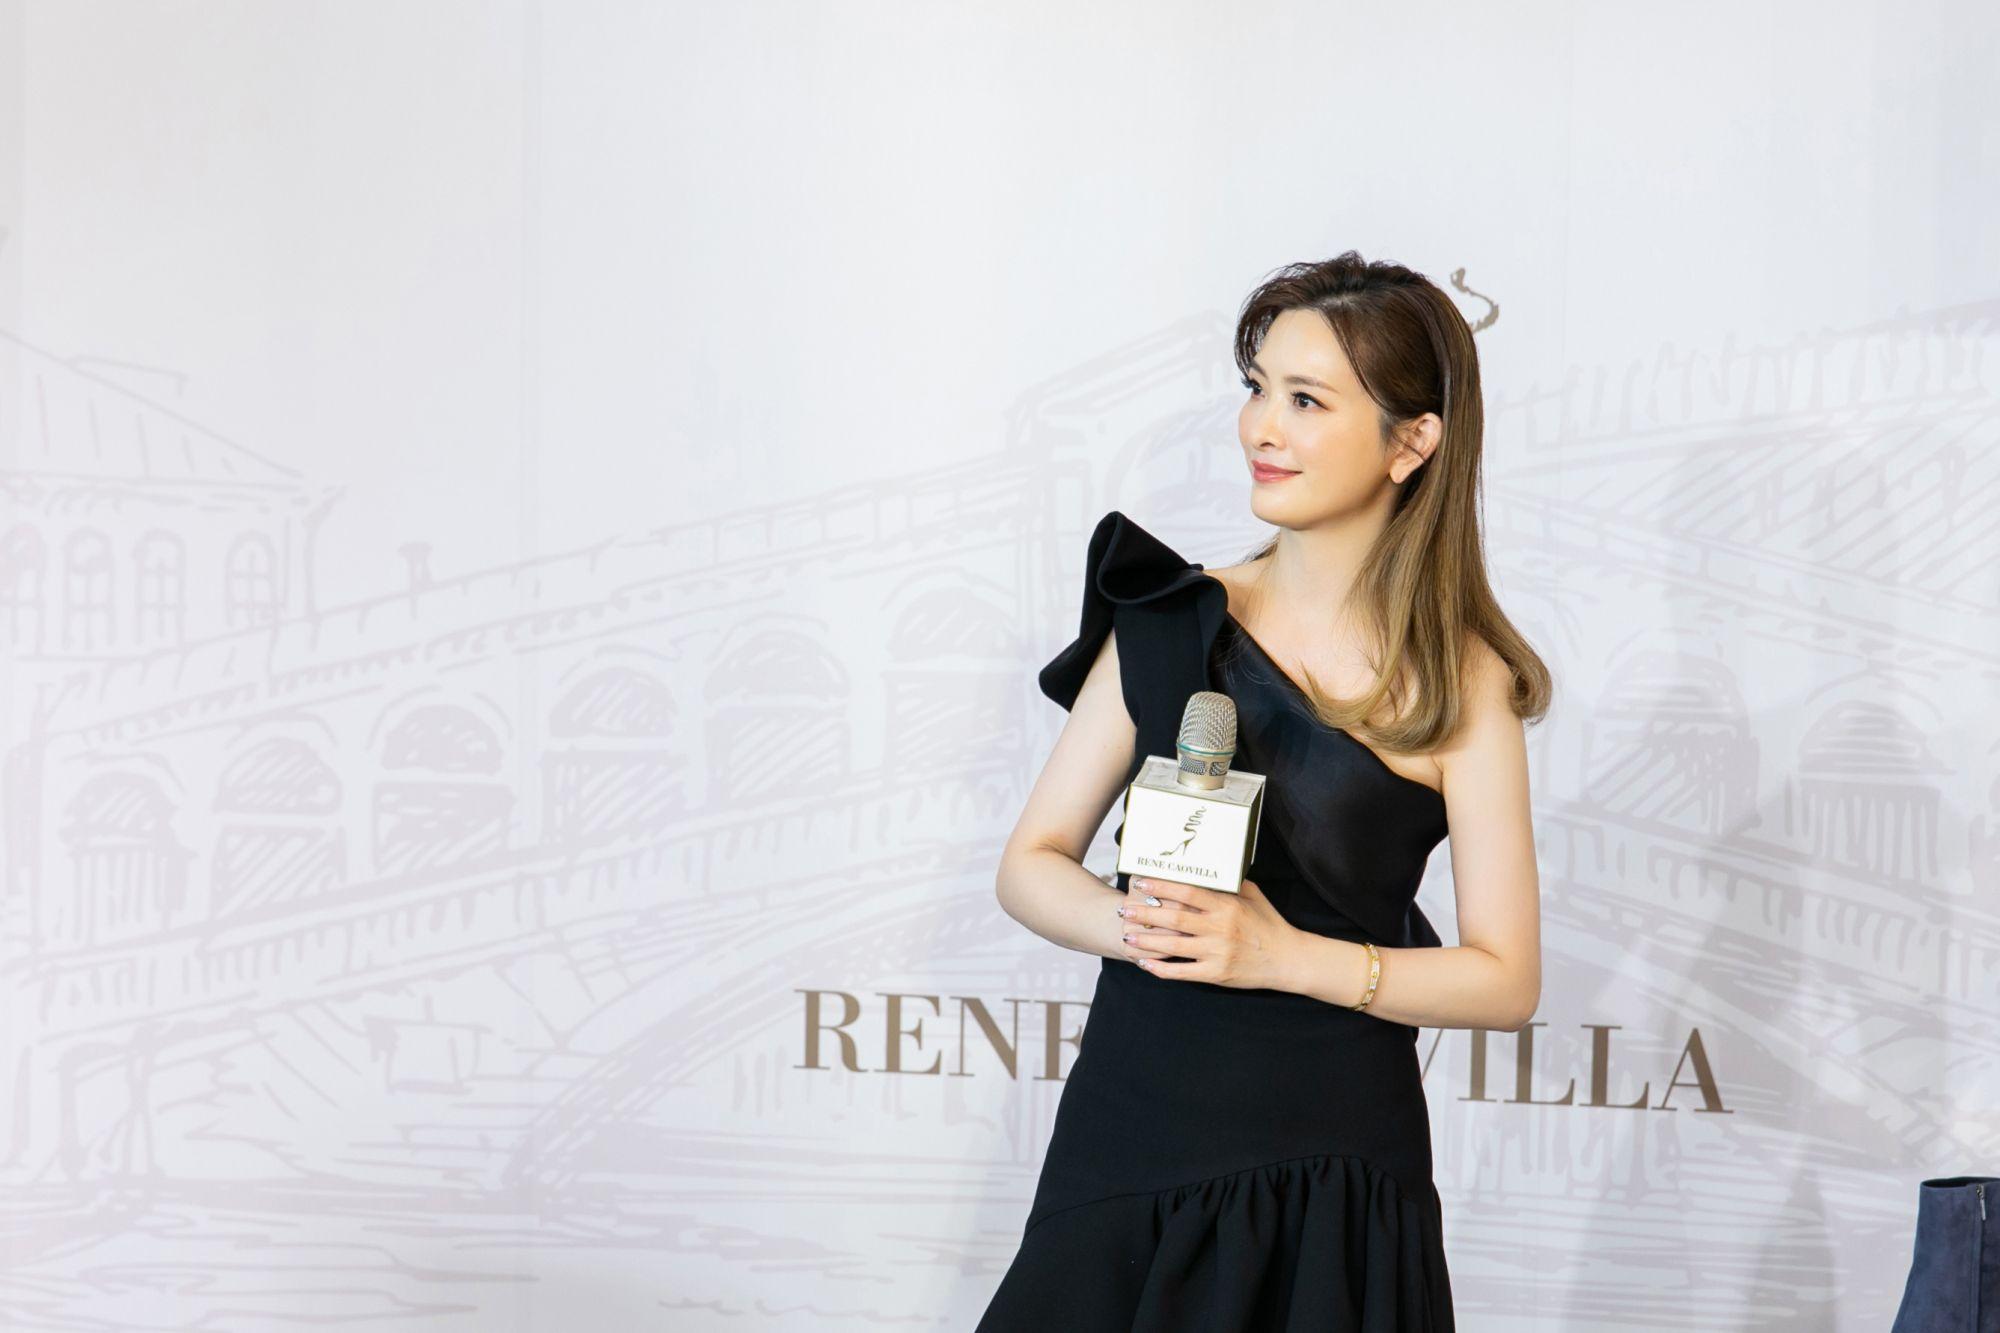 為足下之美而生  RENE CAOVILLA 秋冬款式亮眼登場,一日店長劉真展示新款鞋履